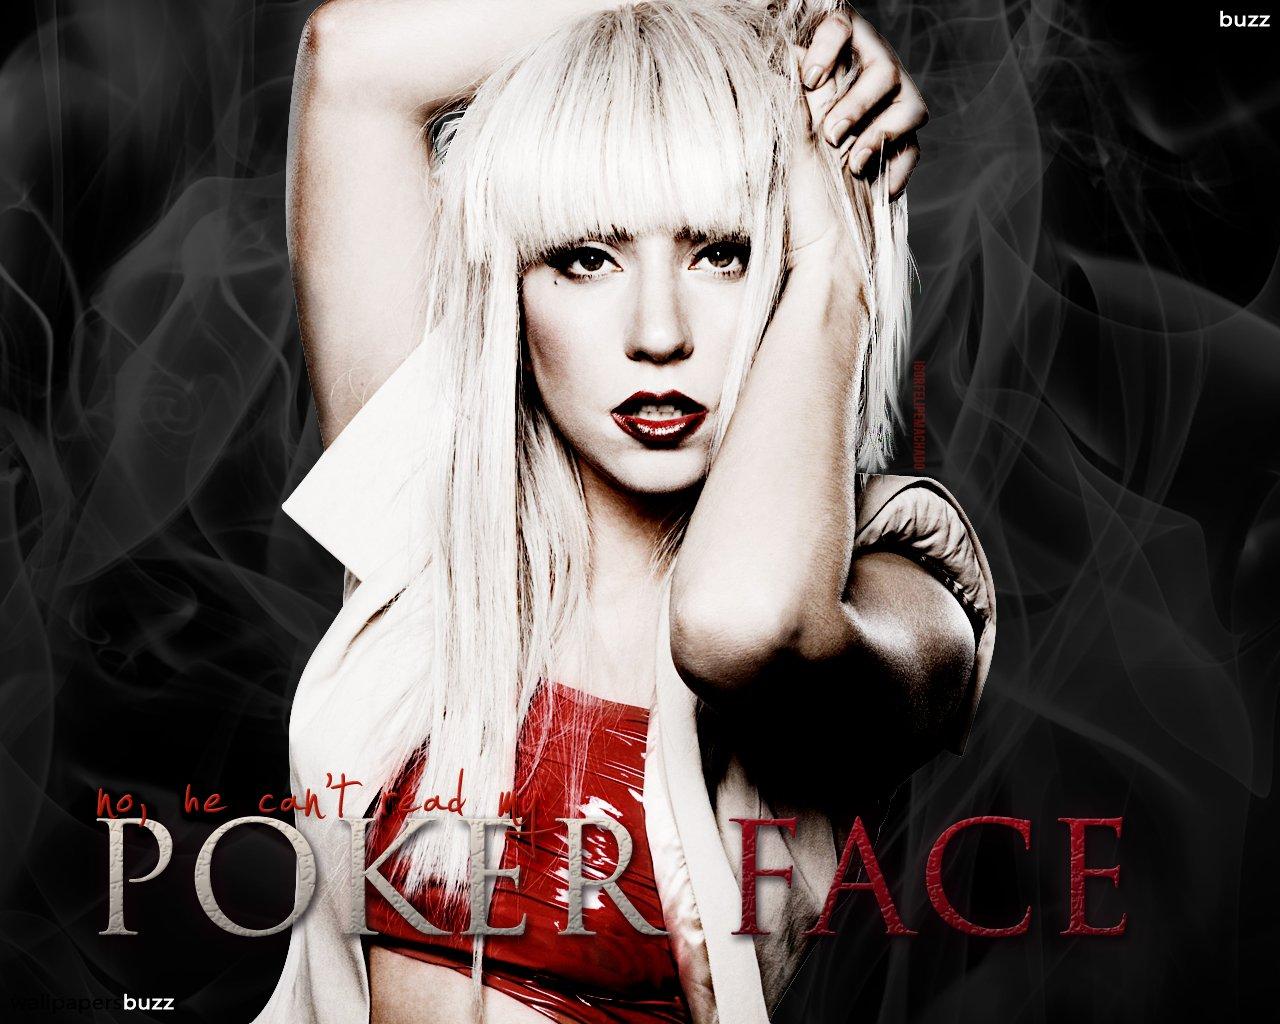 http://2.bp.blogspot.com/-wg3MeJ271Ok/Tj9ujA7z_dI/AAAAAAAAAis/Q07f8PnUUVc/s1600/b_lady-gaga-poker-face.jpg